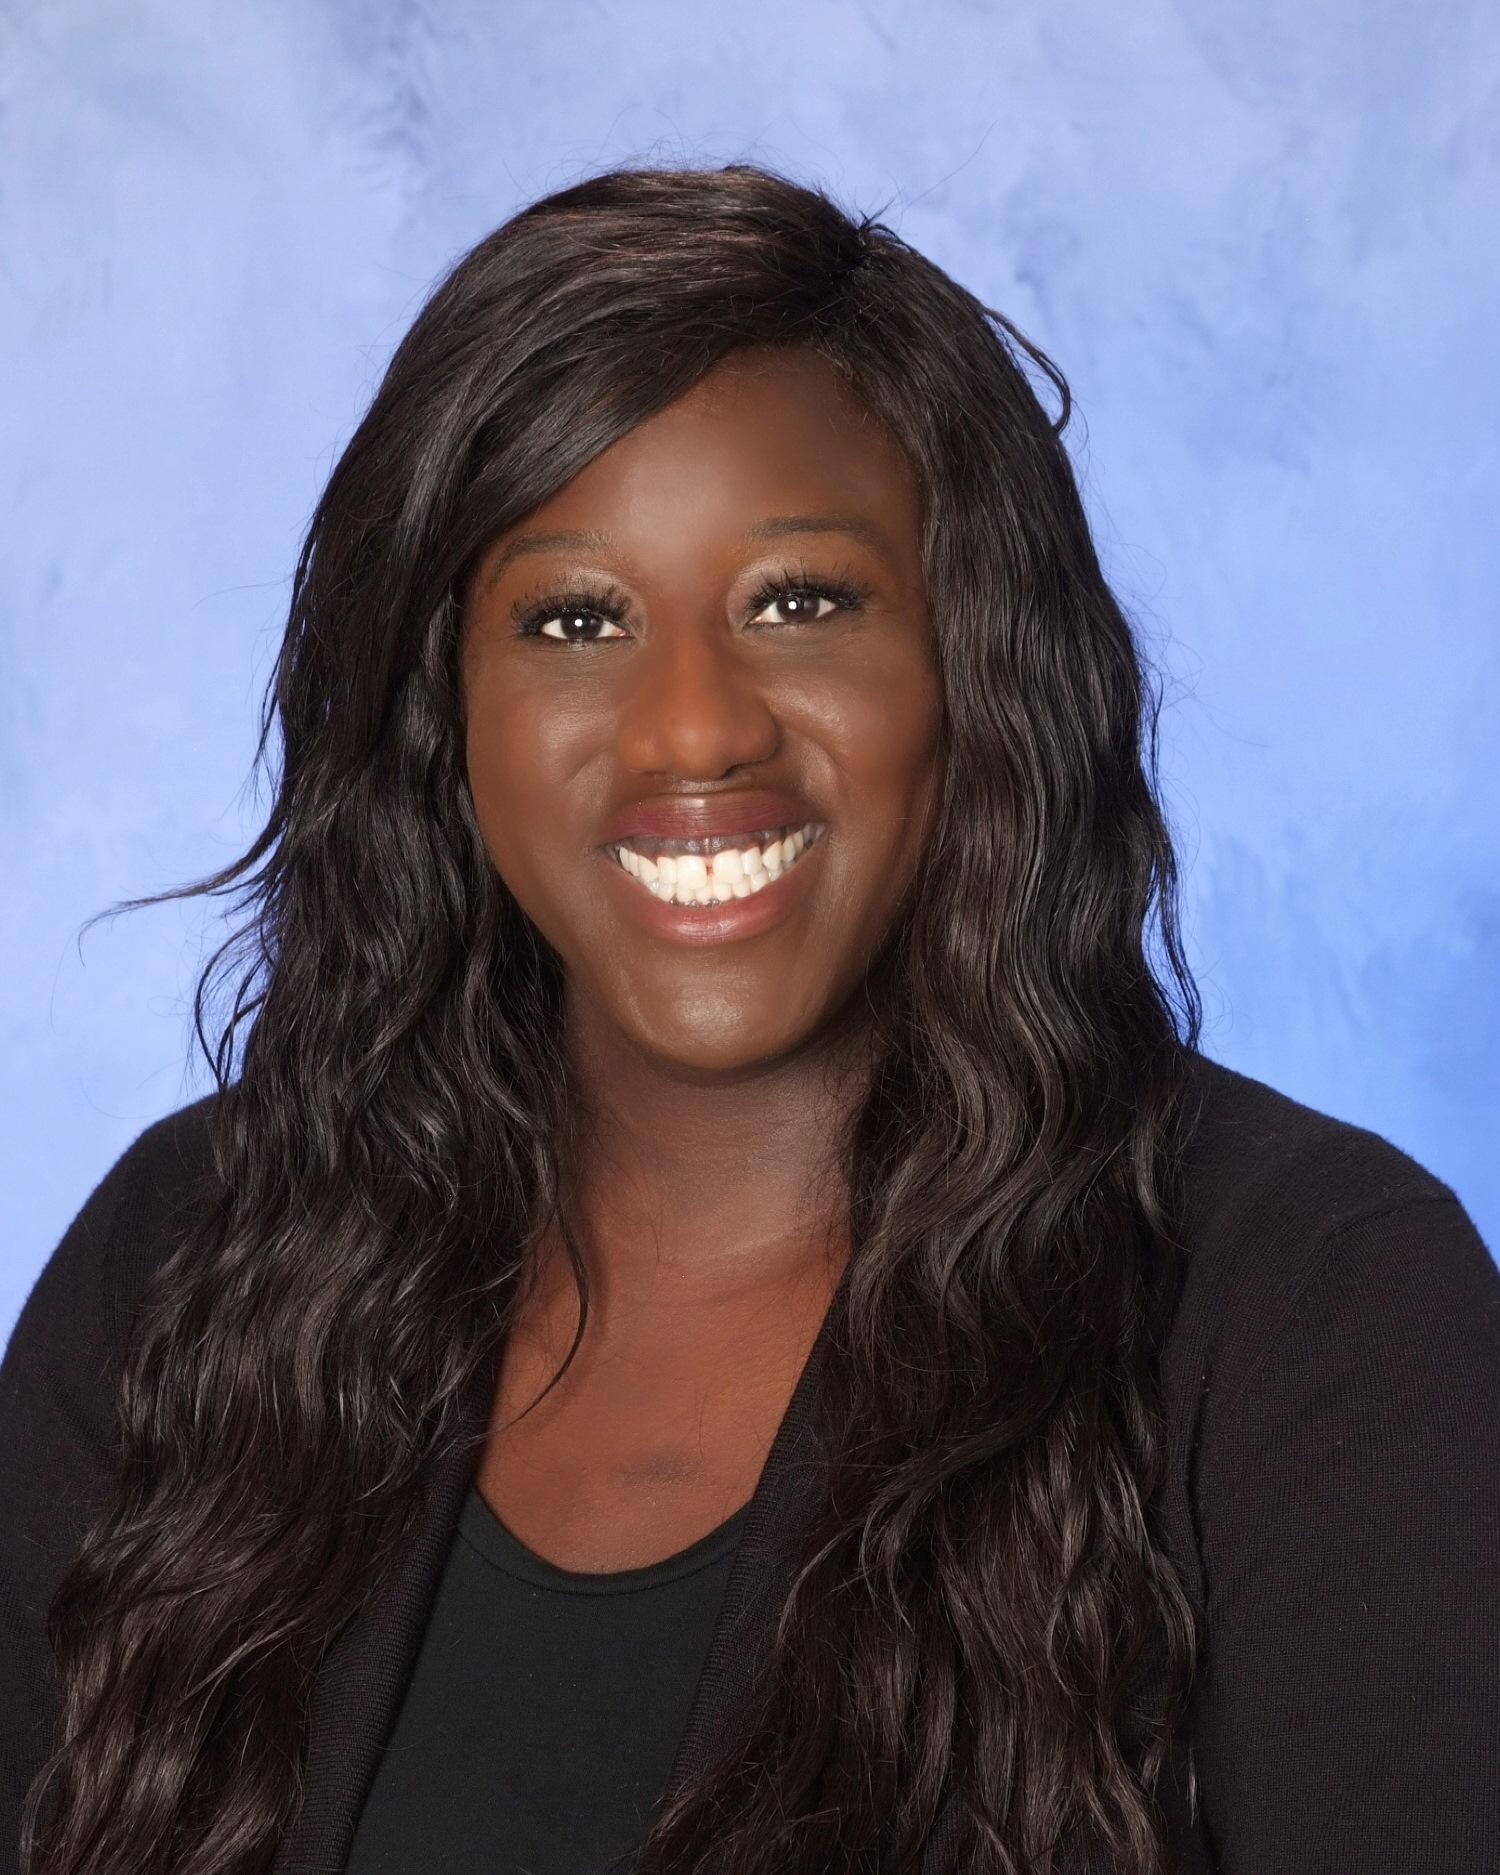 Jamora Matthews